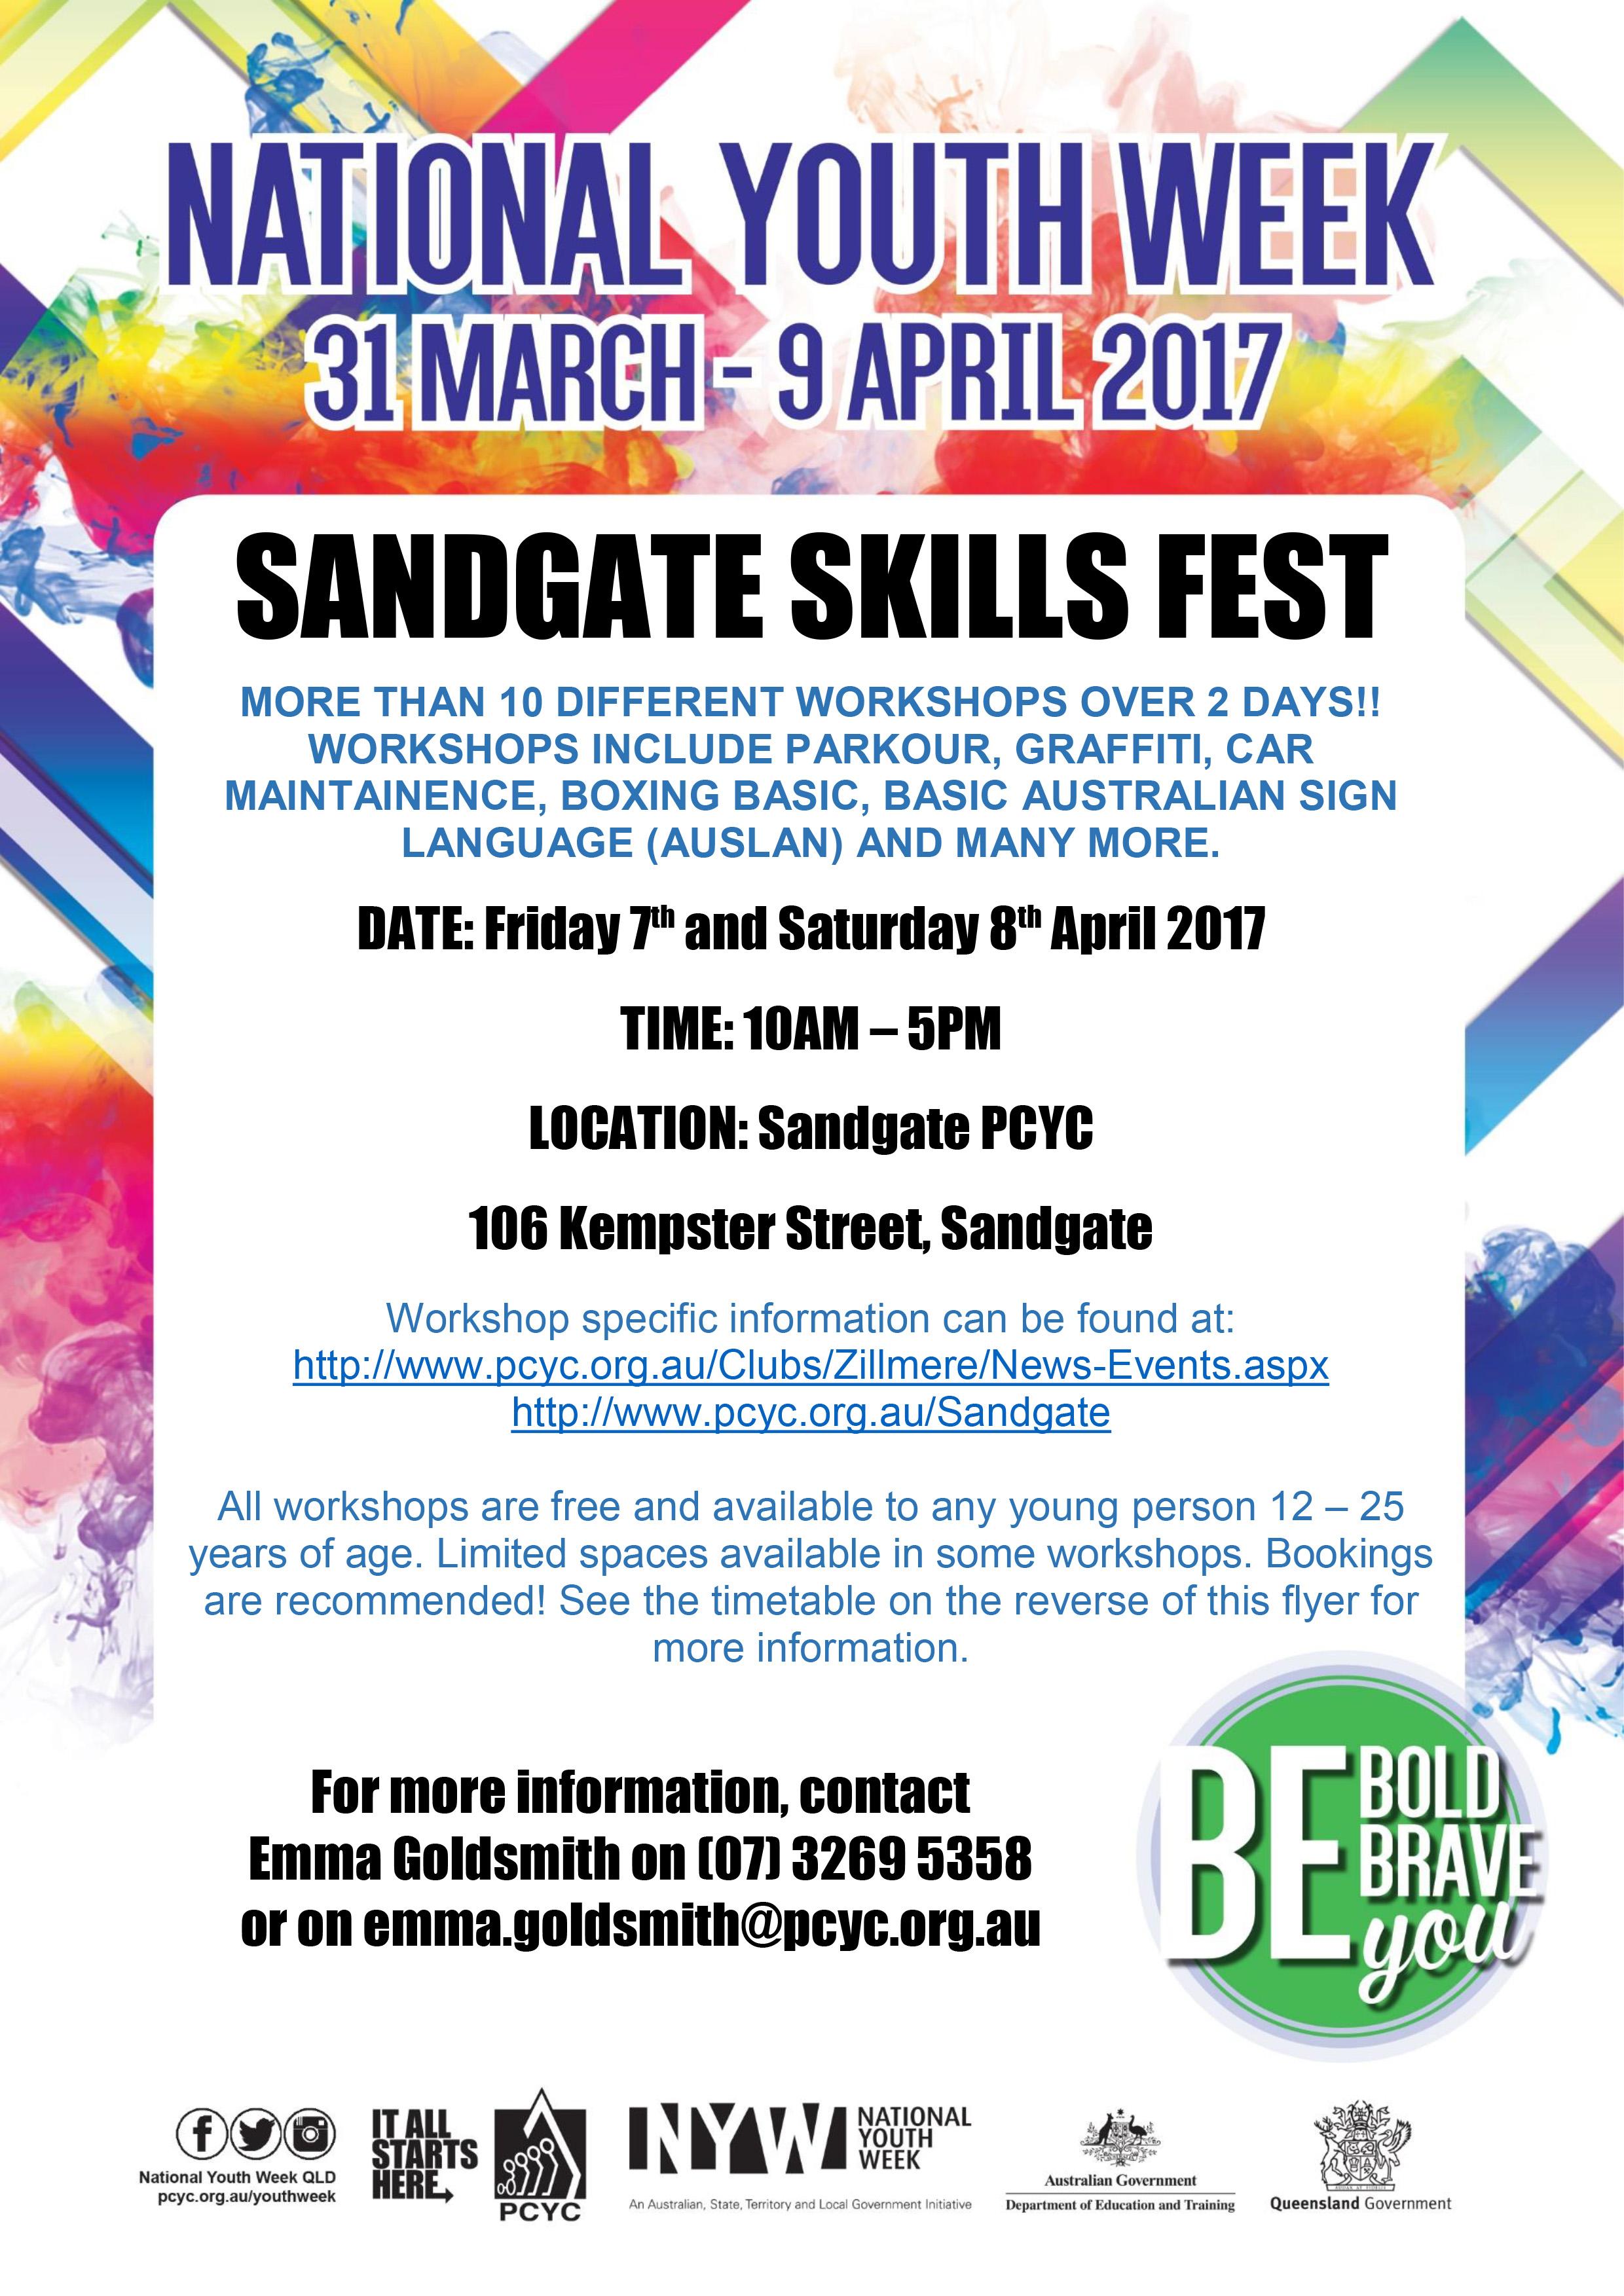 Sandgate-Skills-Fest-Poster.jpg?mtime=20